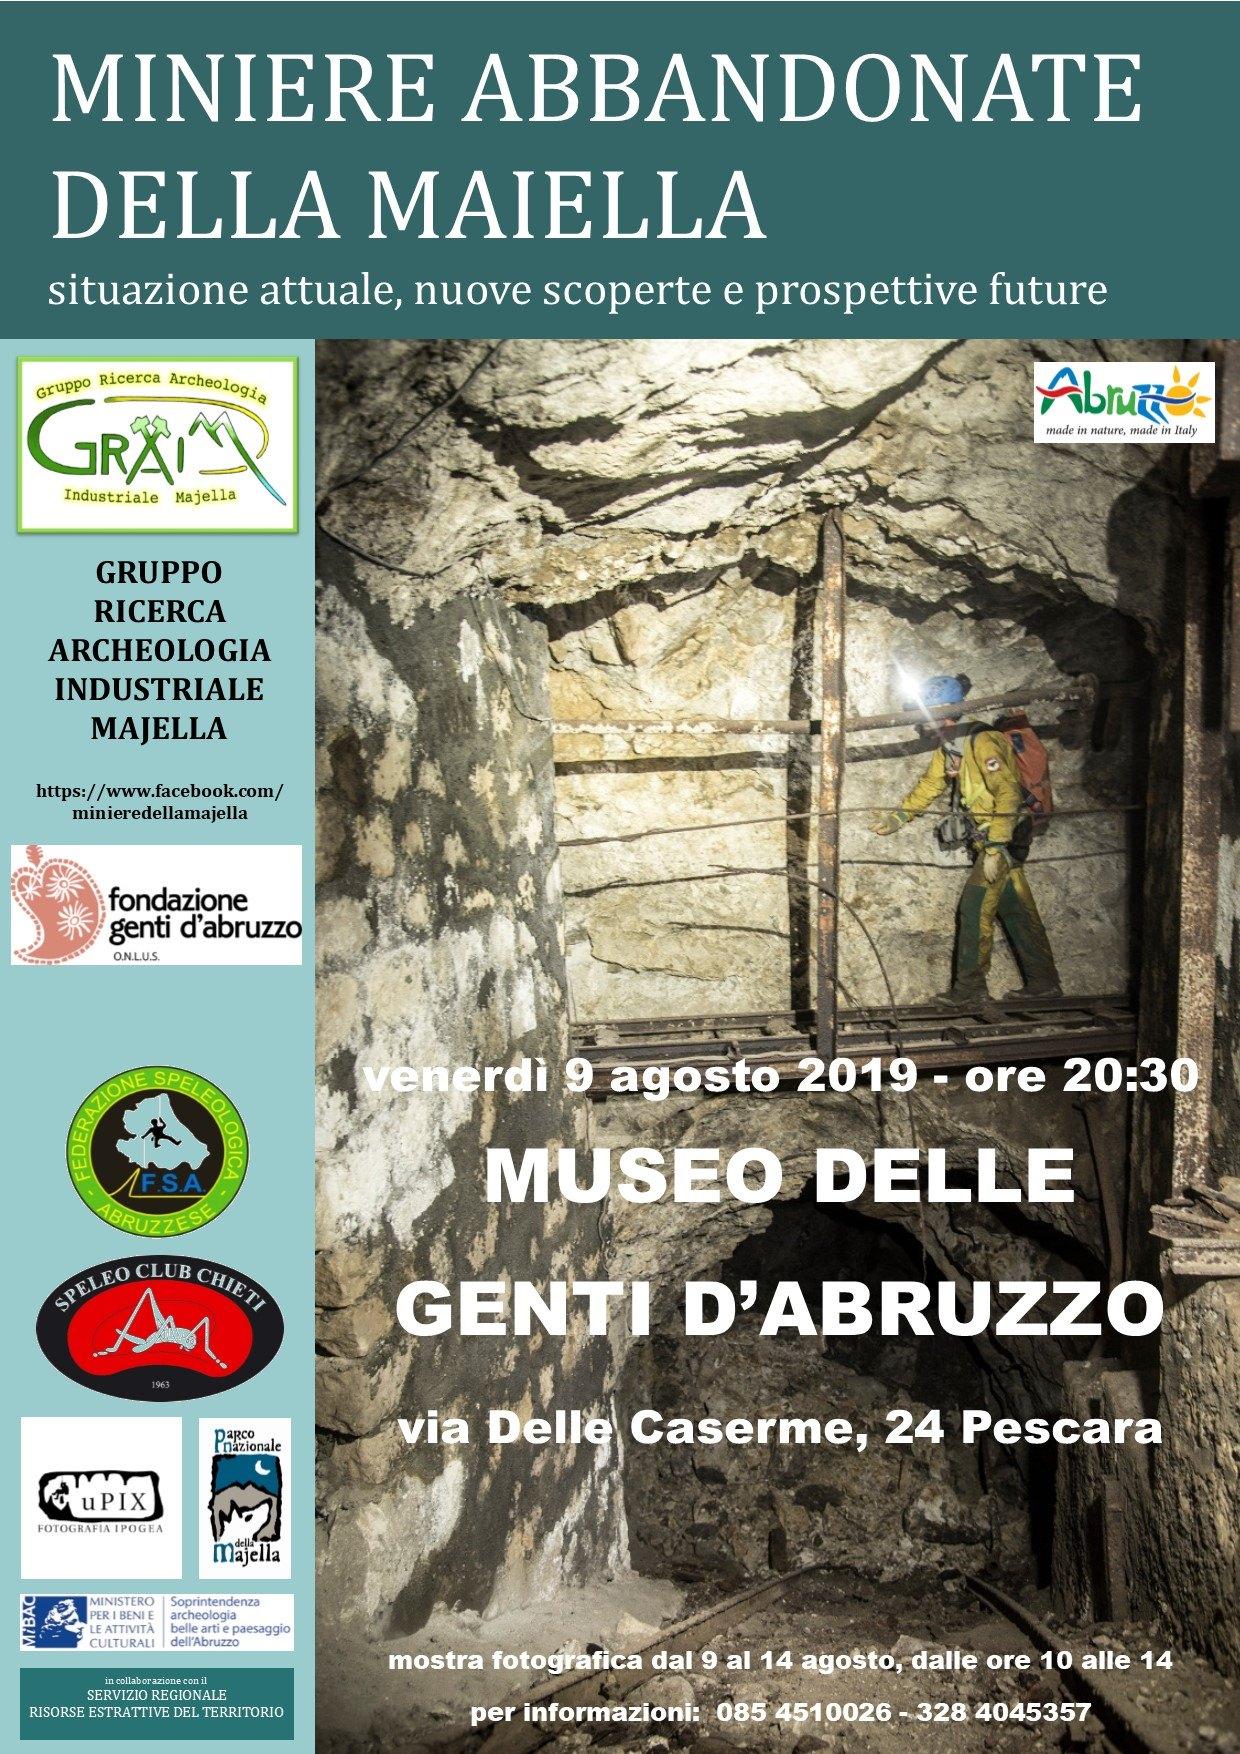 Graim - museo delle genti